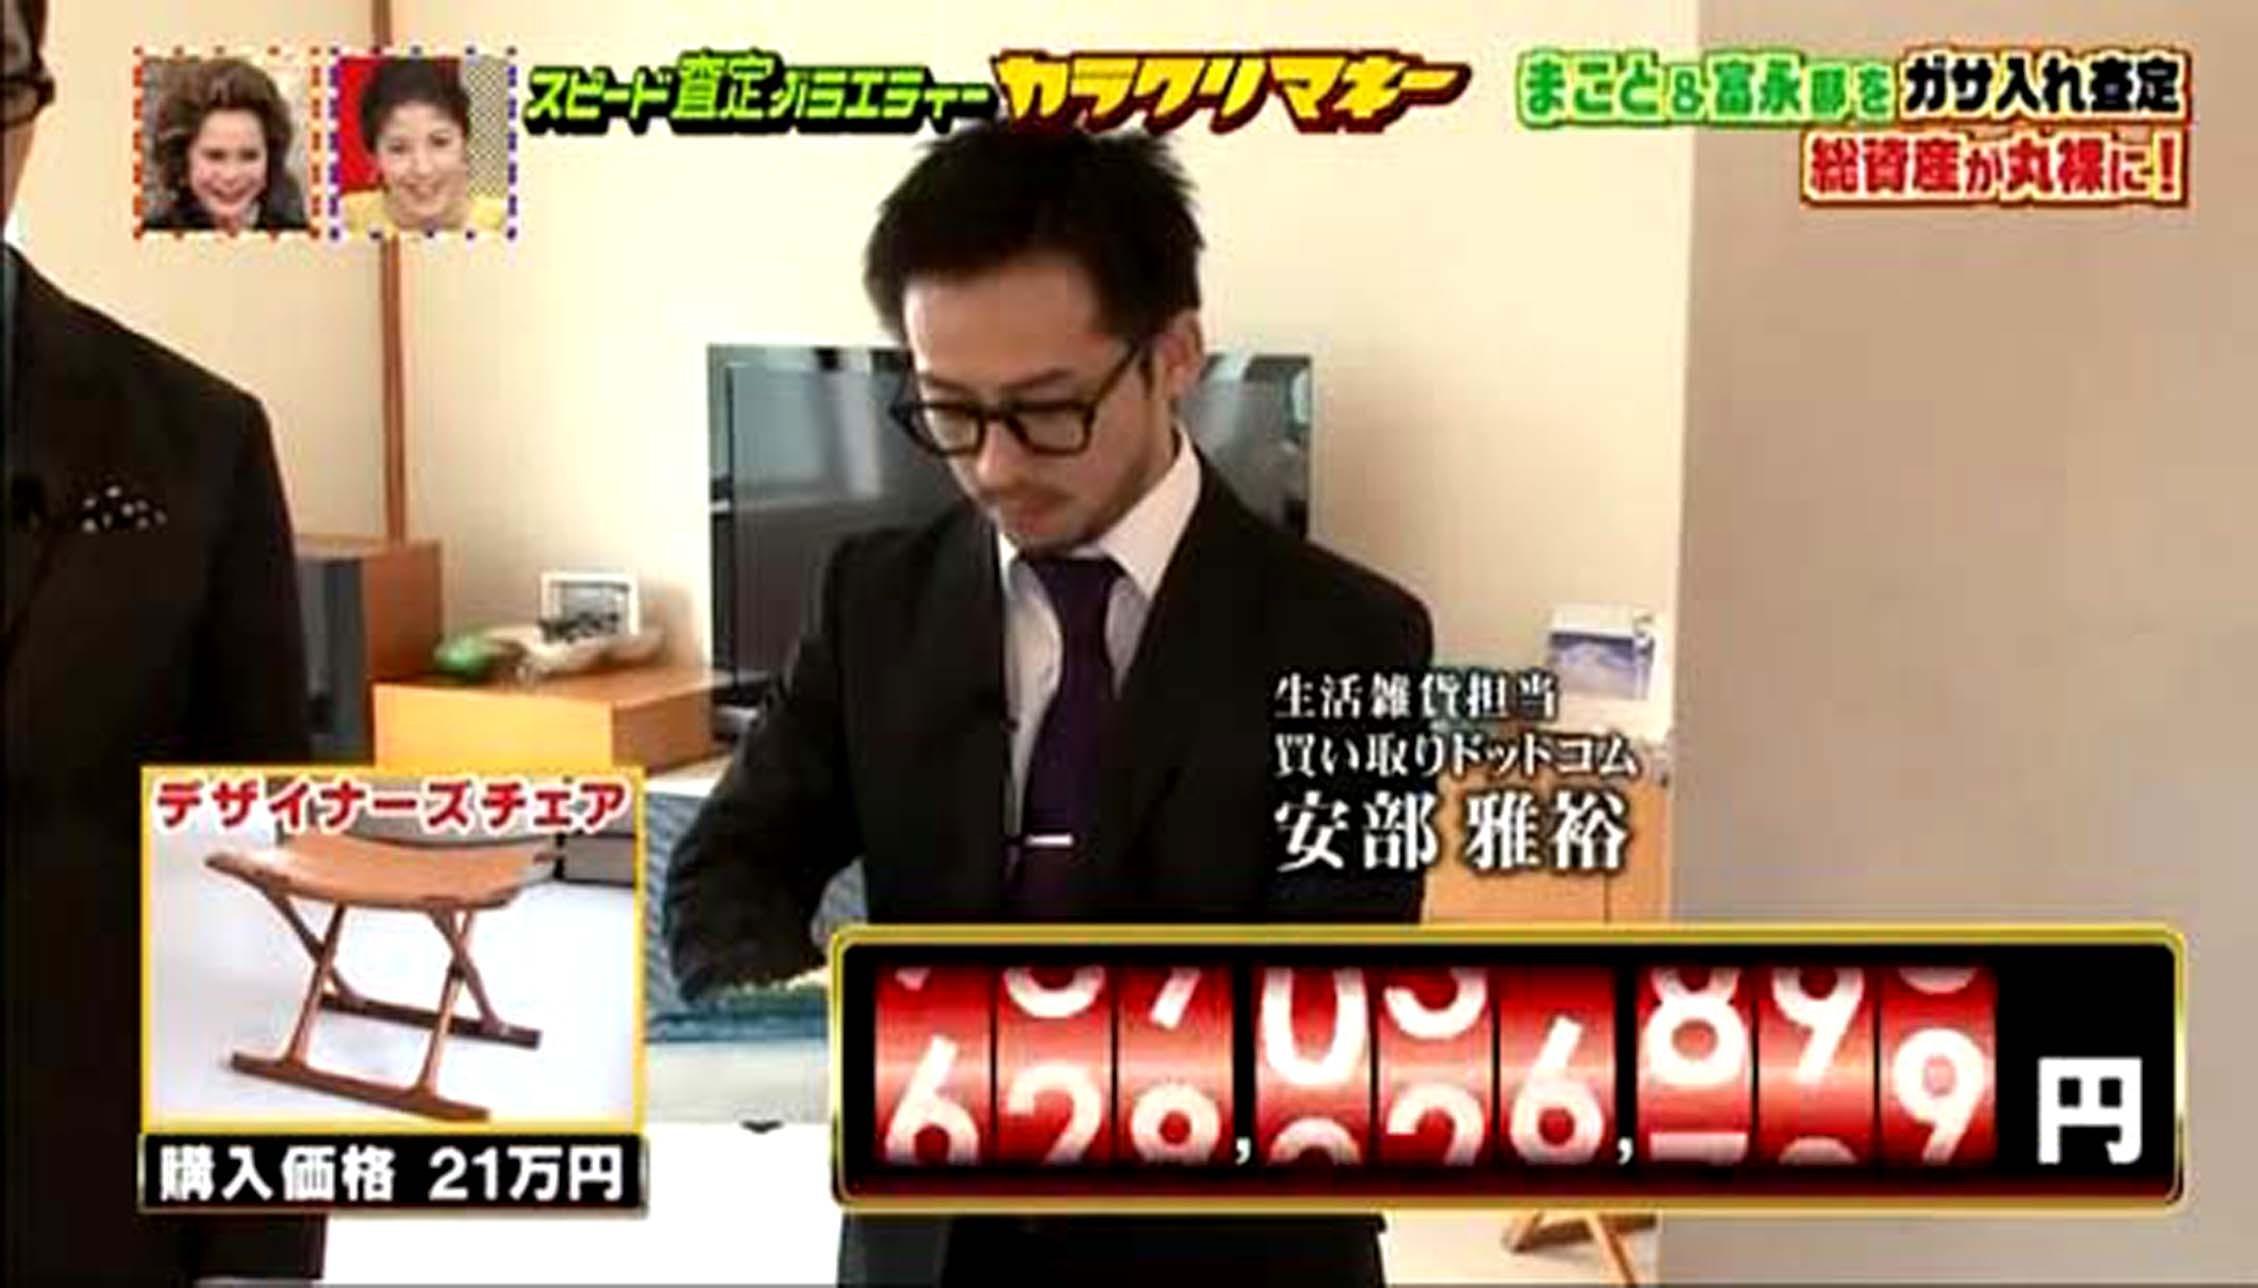 買取ドットコム株式会社 横浜店 のアルバイト情報